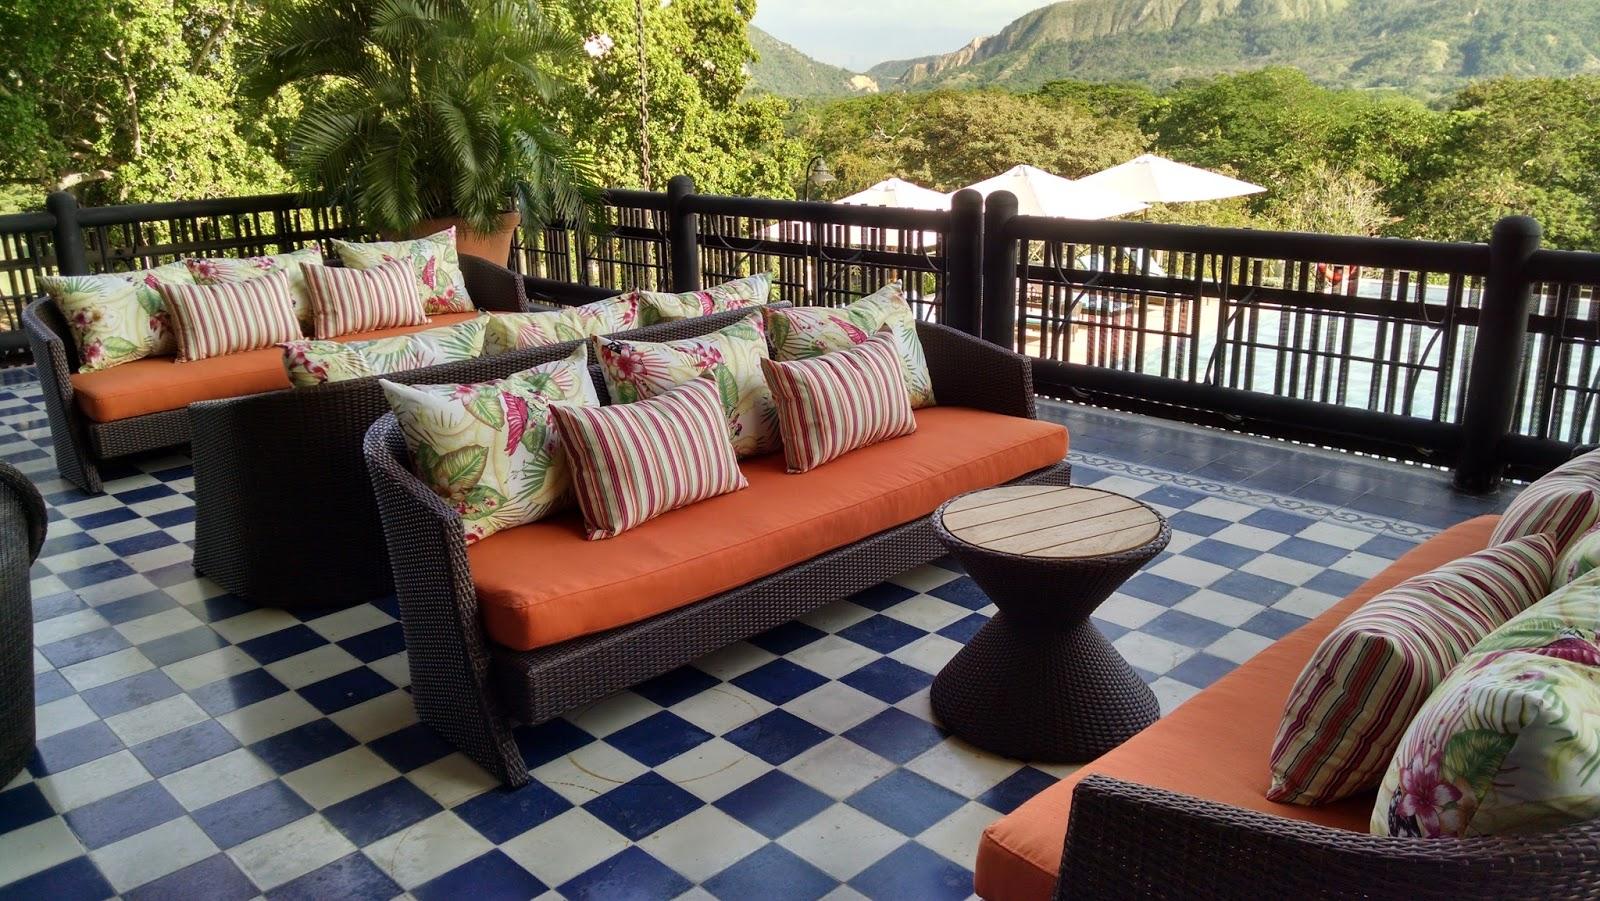 Sol y fachadas parasoles y tapicer a muebles de jard n y for Tapiceria muebles